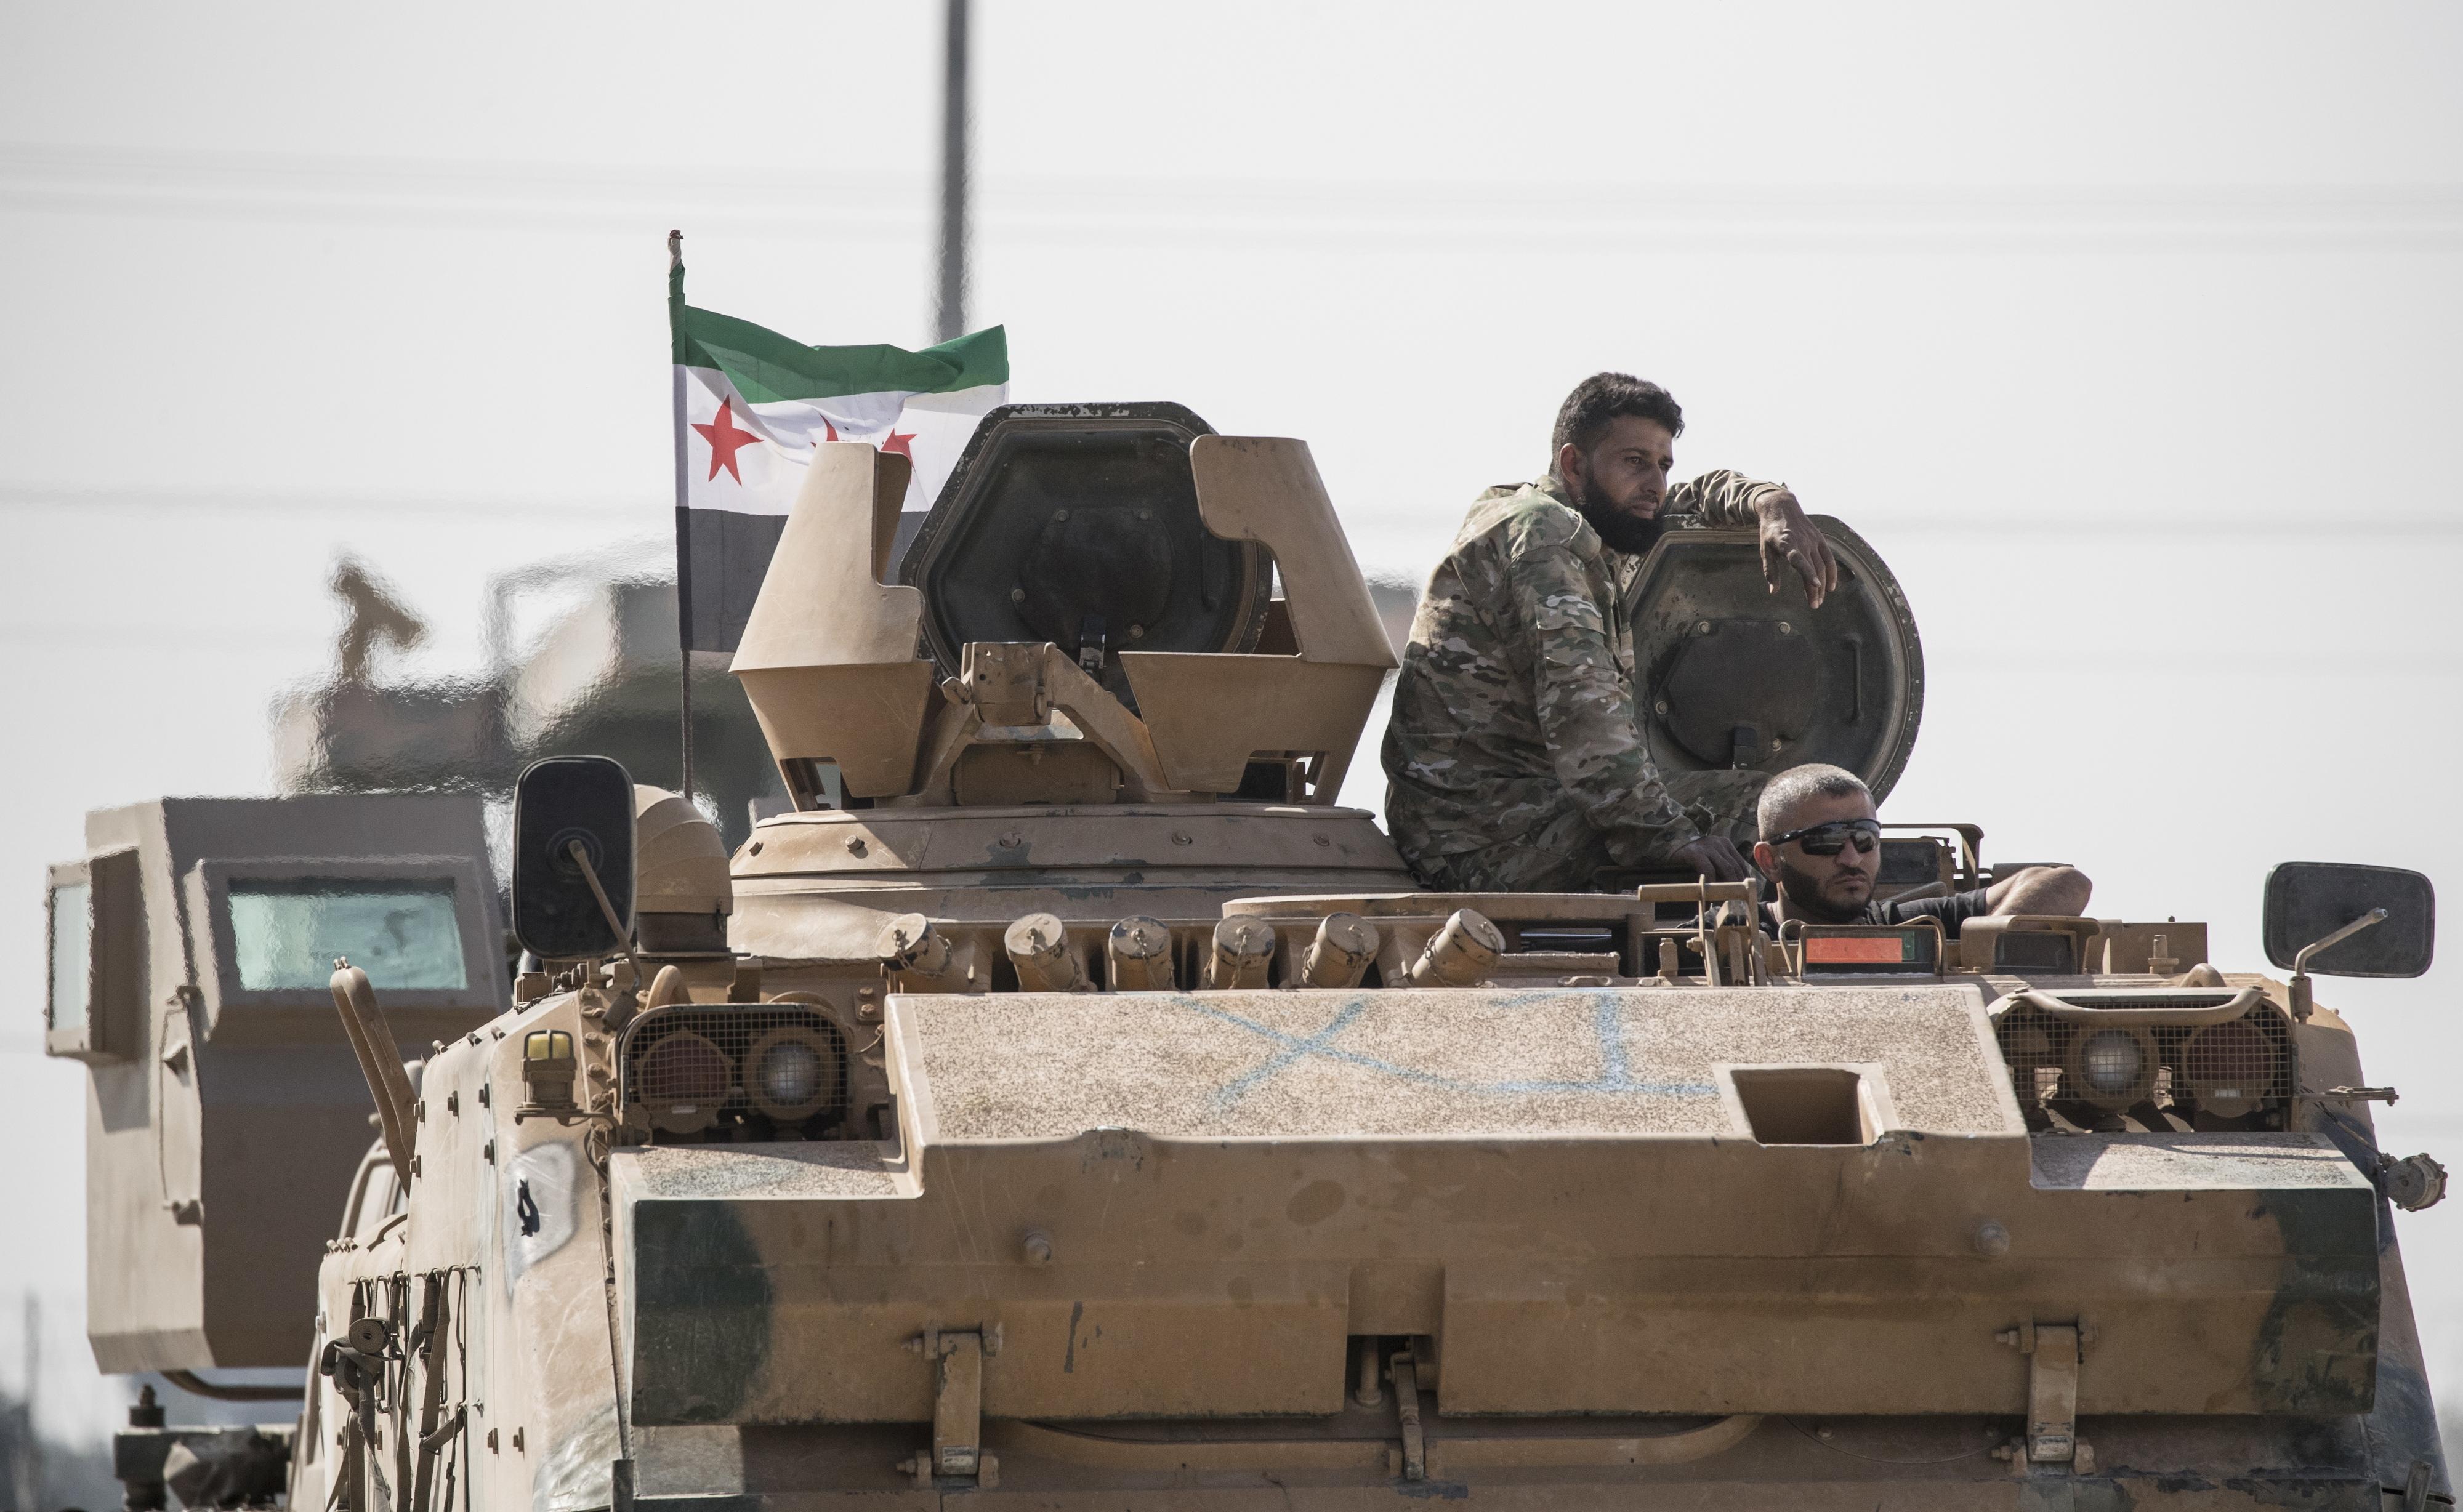 Termina hoje cessar-fogo na Síria acordado entre Turquia e Estados Unidos